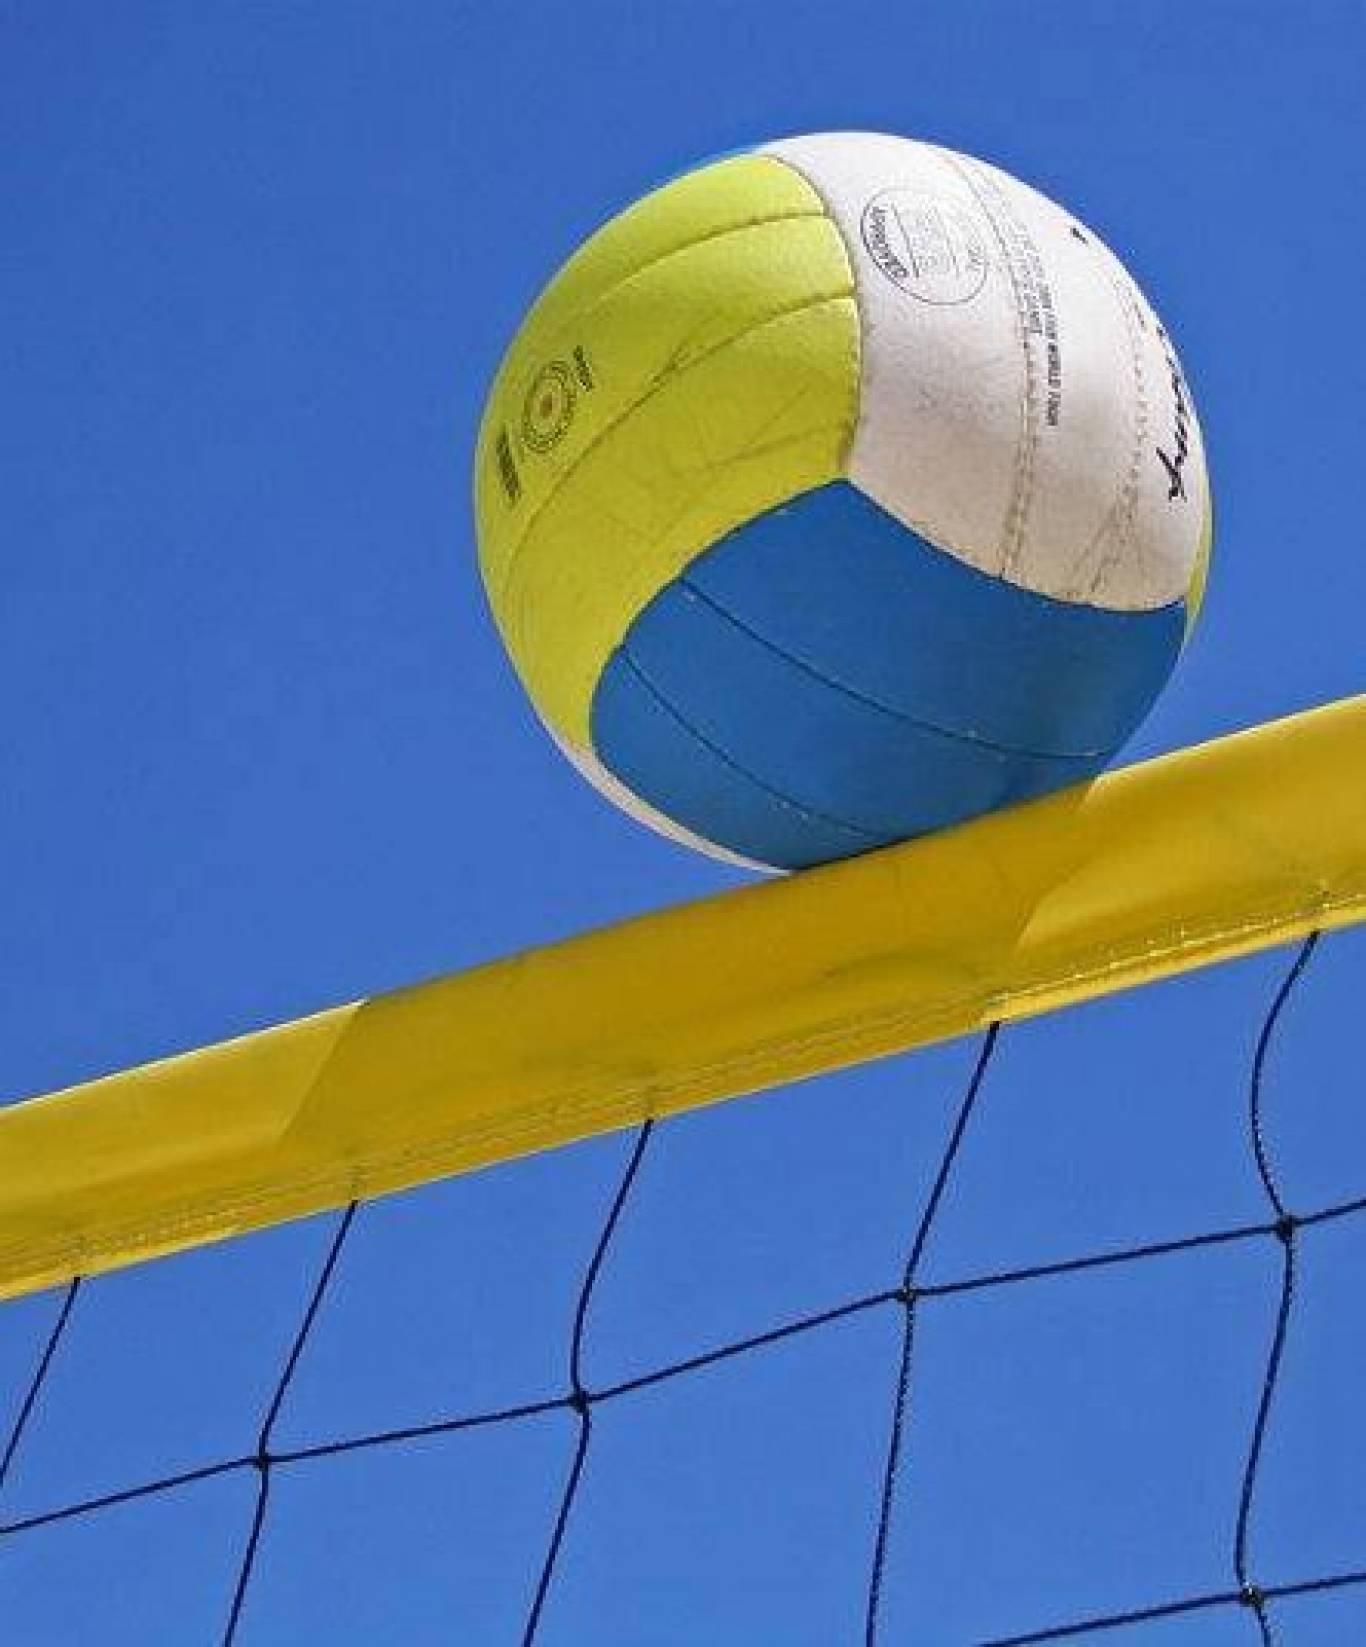 Новорічна серія ігор у волейбол ІСІ